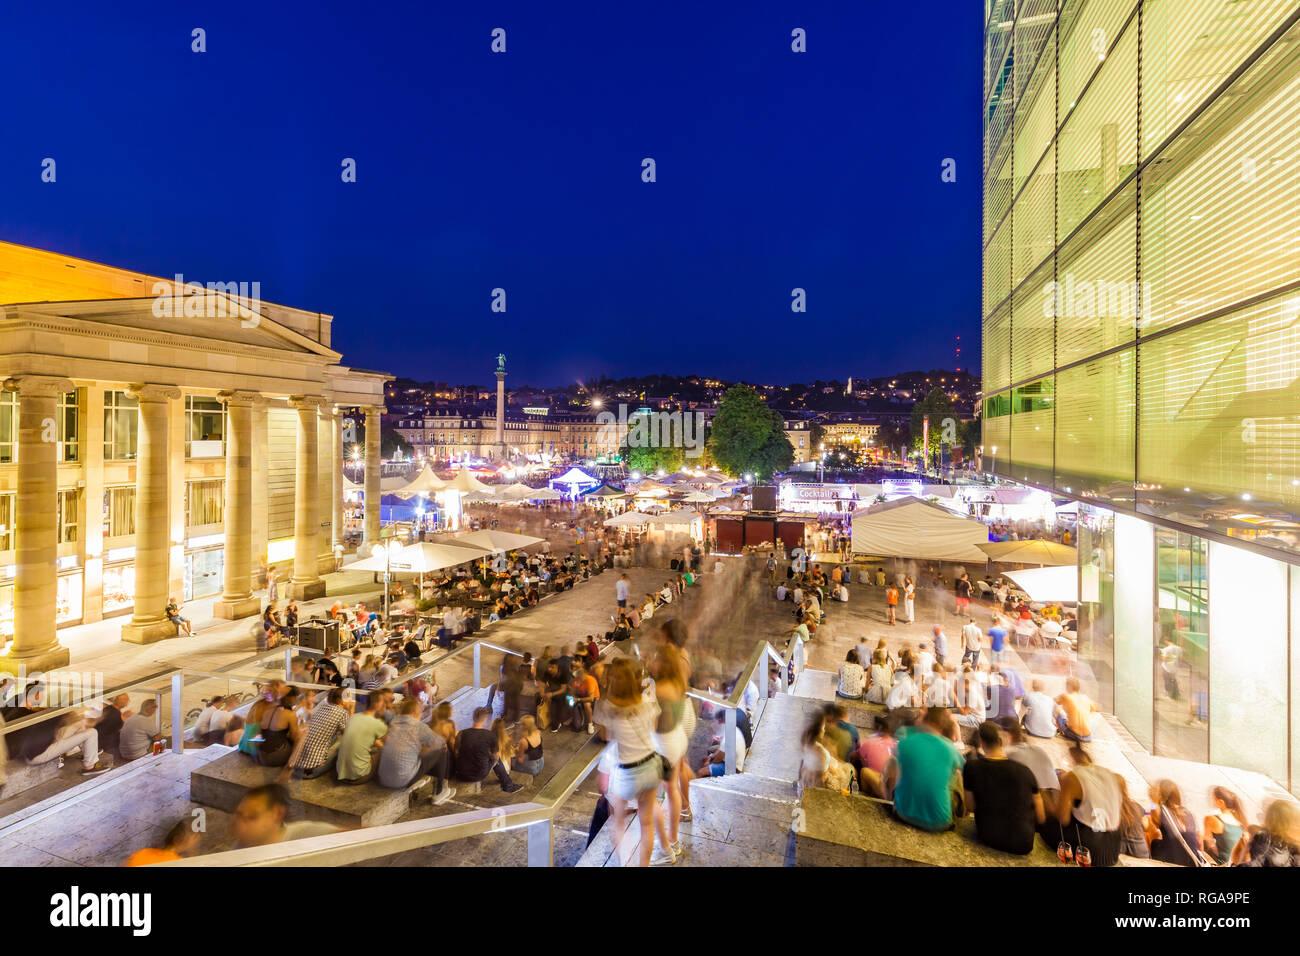 Alemania, Stuttgart, Schlossplatz, el Palacio Nuevo, Koenigsbau, Museo de Arte durante la fiesta de verano, la hora azul Foto de stock